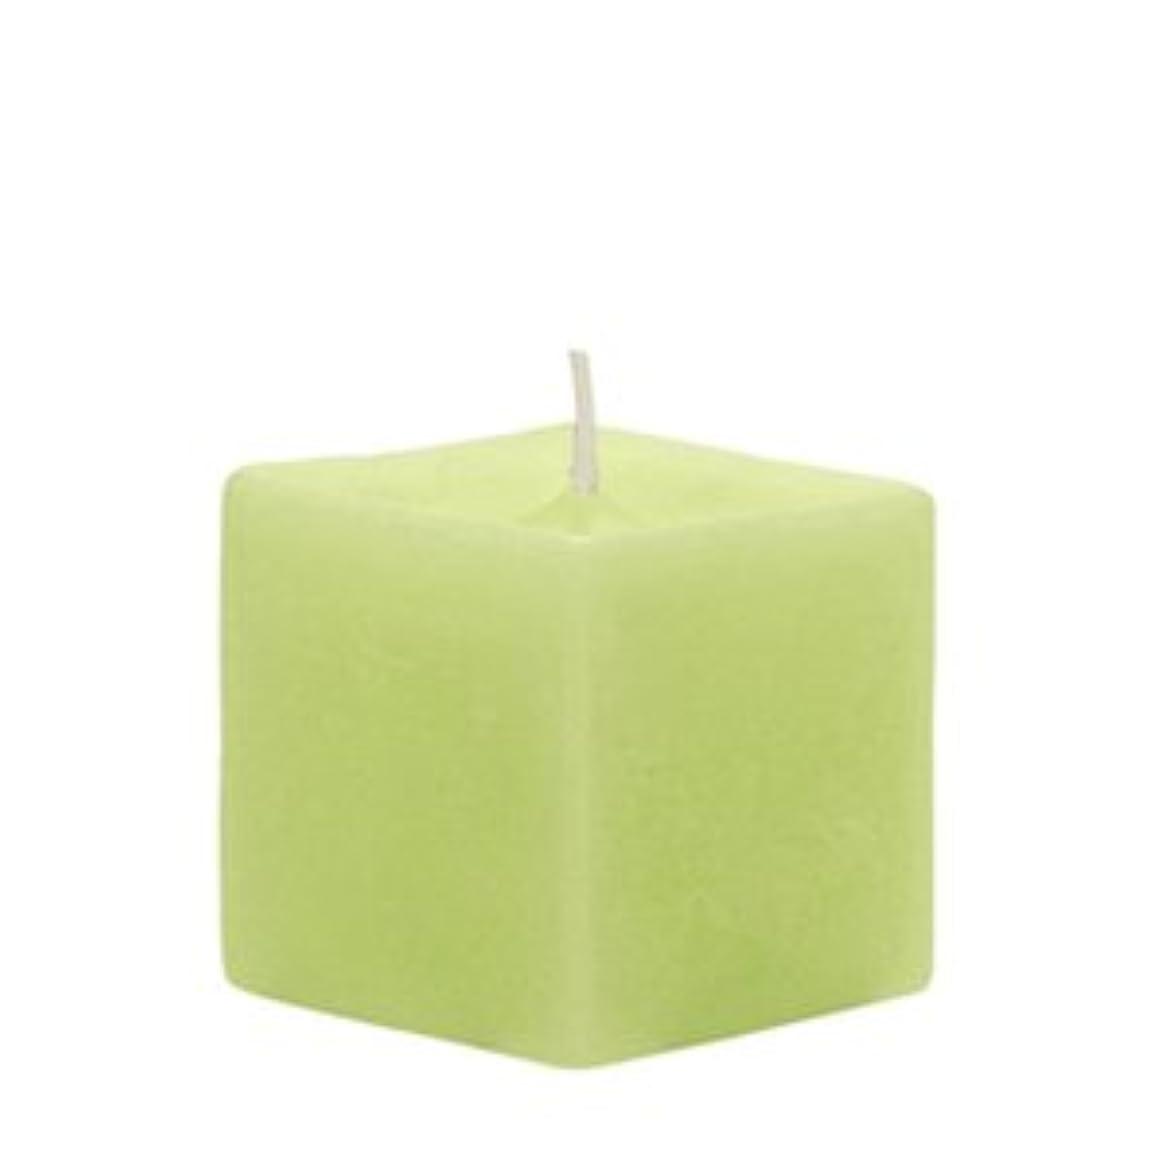 バージンマンハッタンエスカレートナチュレ キューブ ライトグリーン